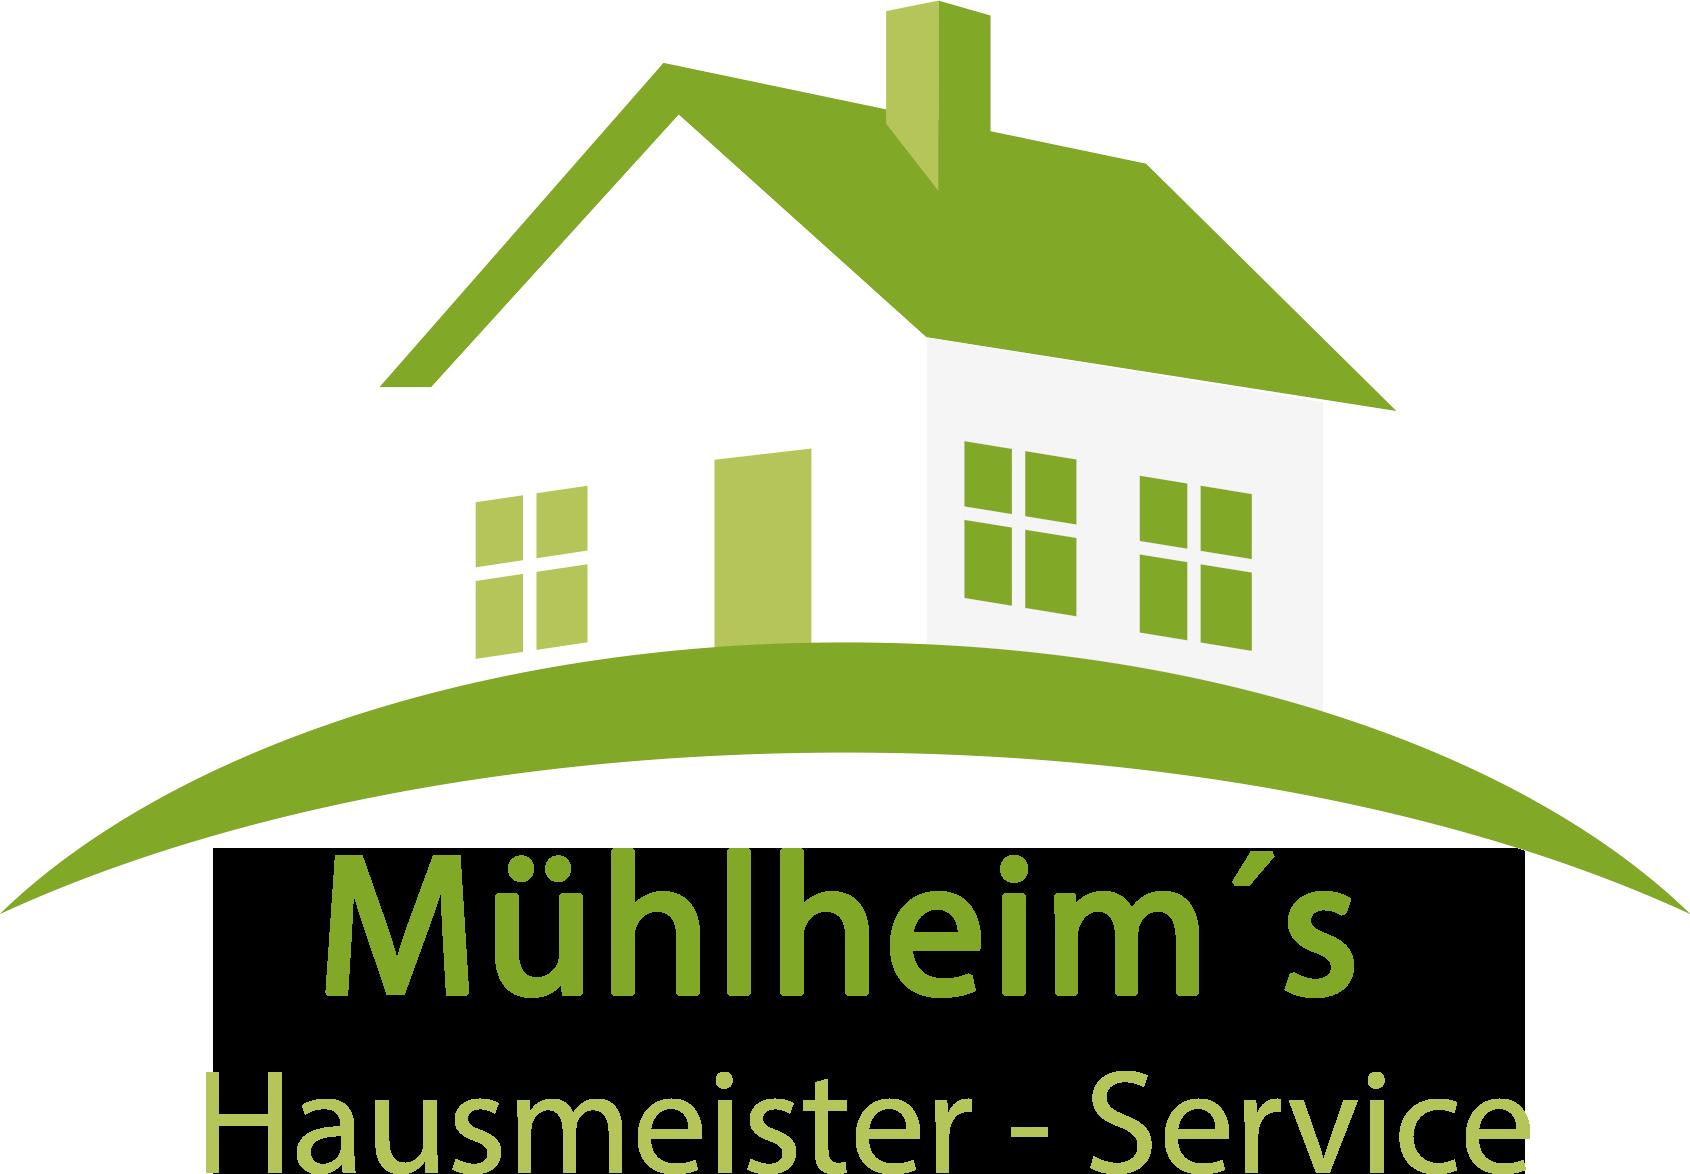 Muehlheims Hausmeisterservice